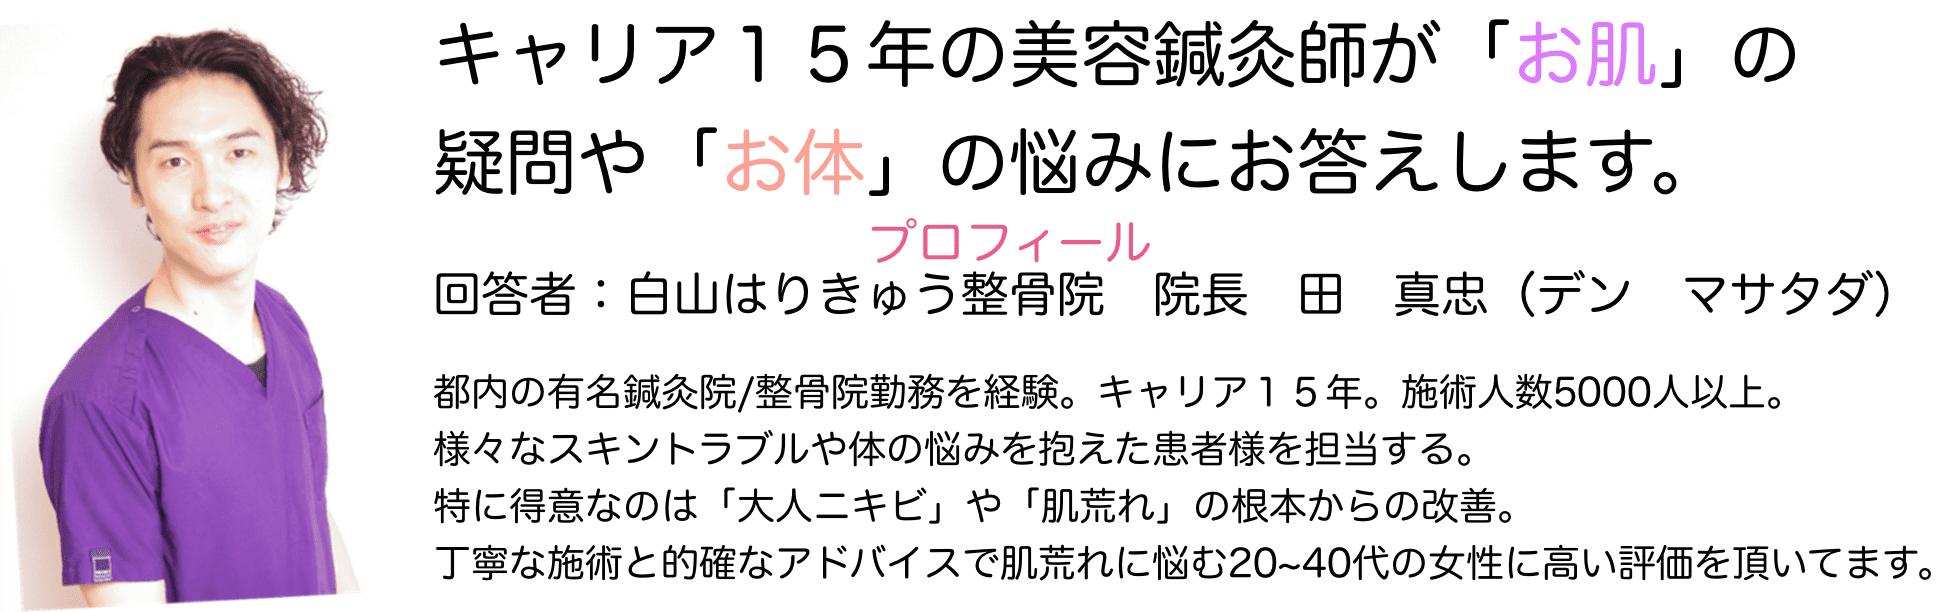 スクリーンショット 2016-01-26 19.25.32